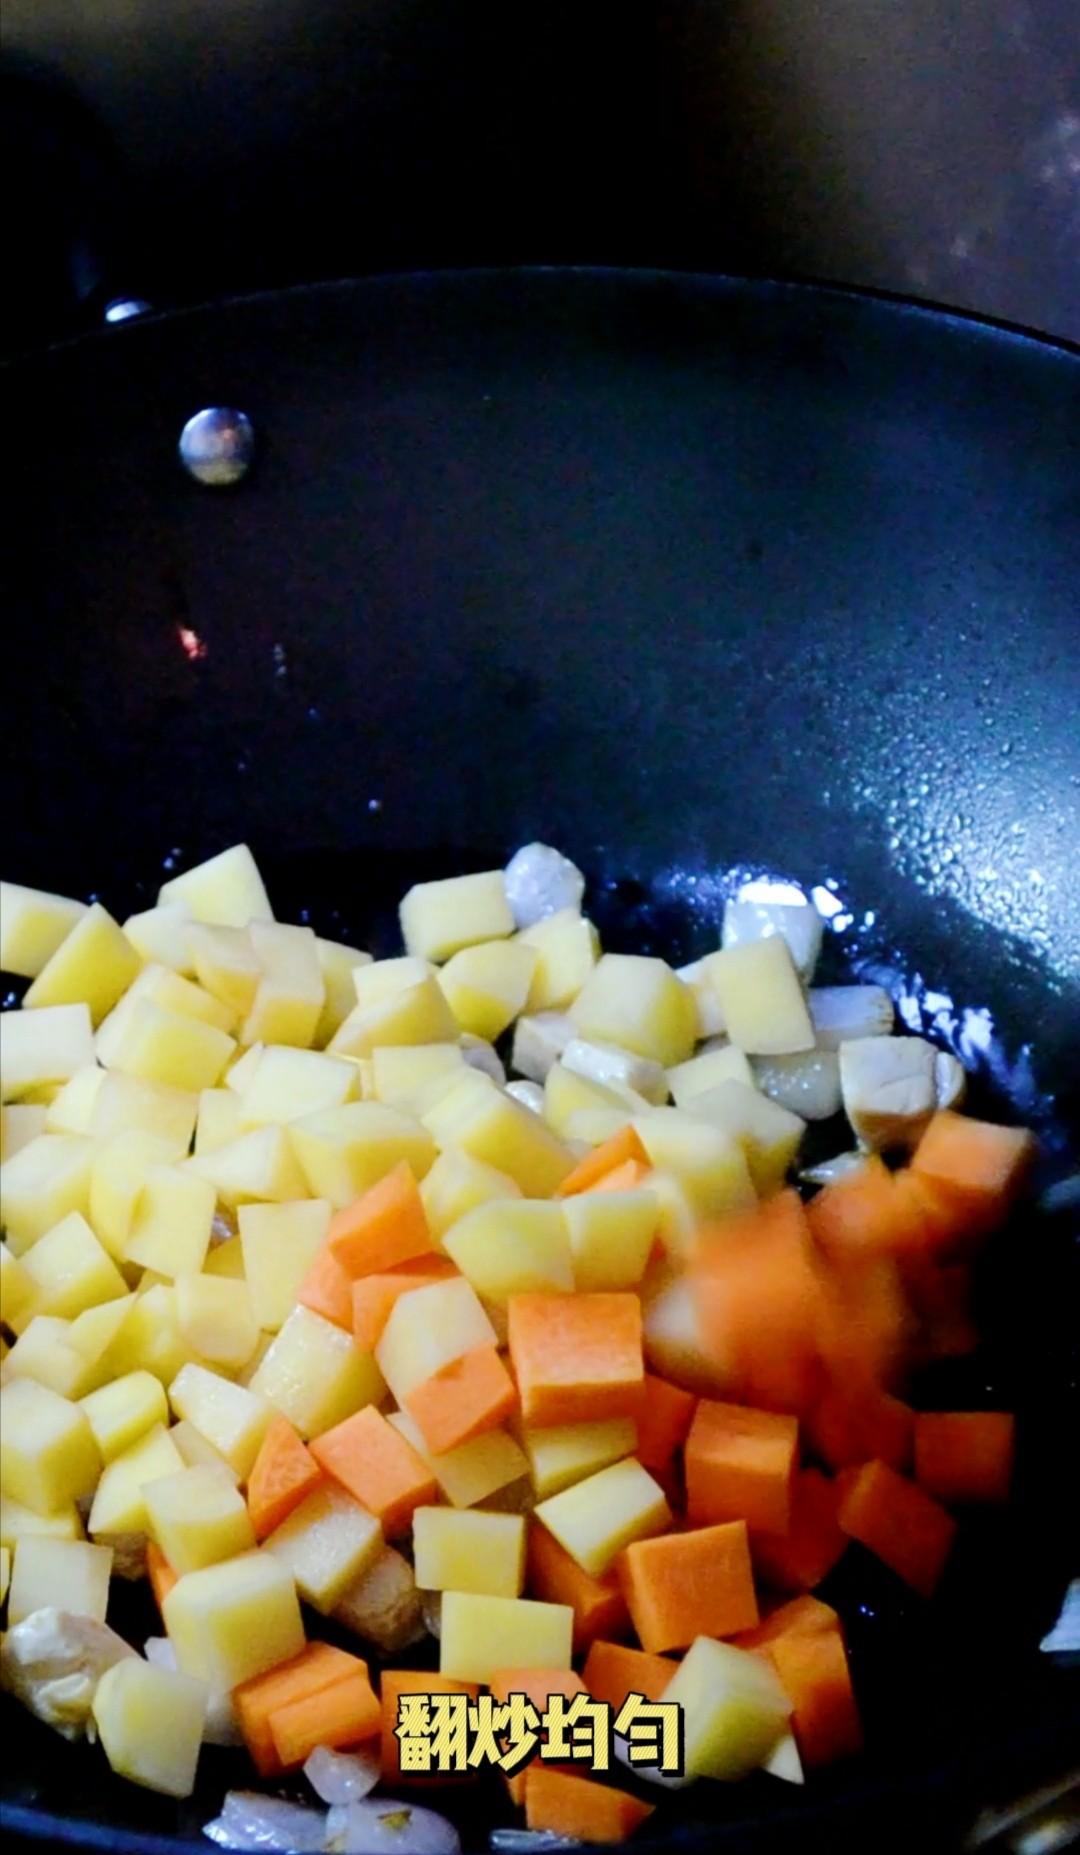 超可爱的小萌鸡咖喱饭,做法简单,宝宝超爱吃怎么做